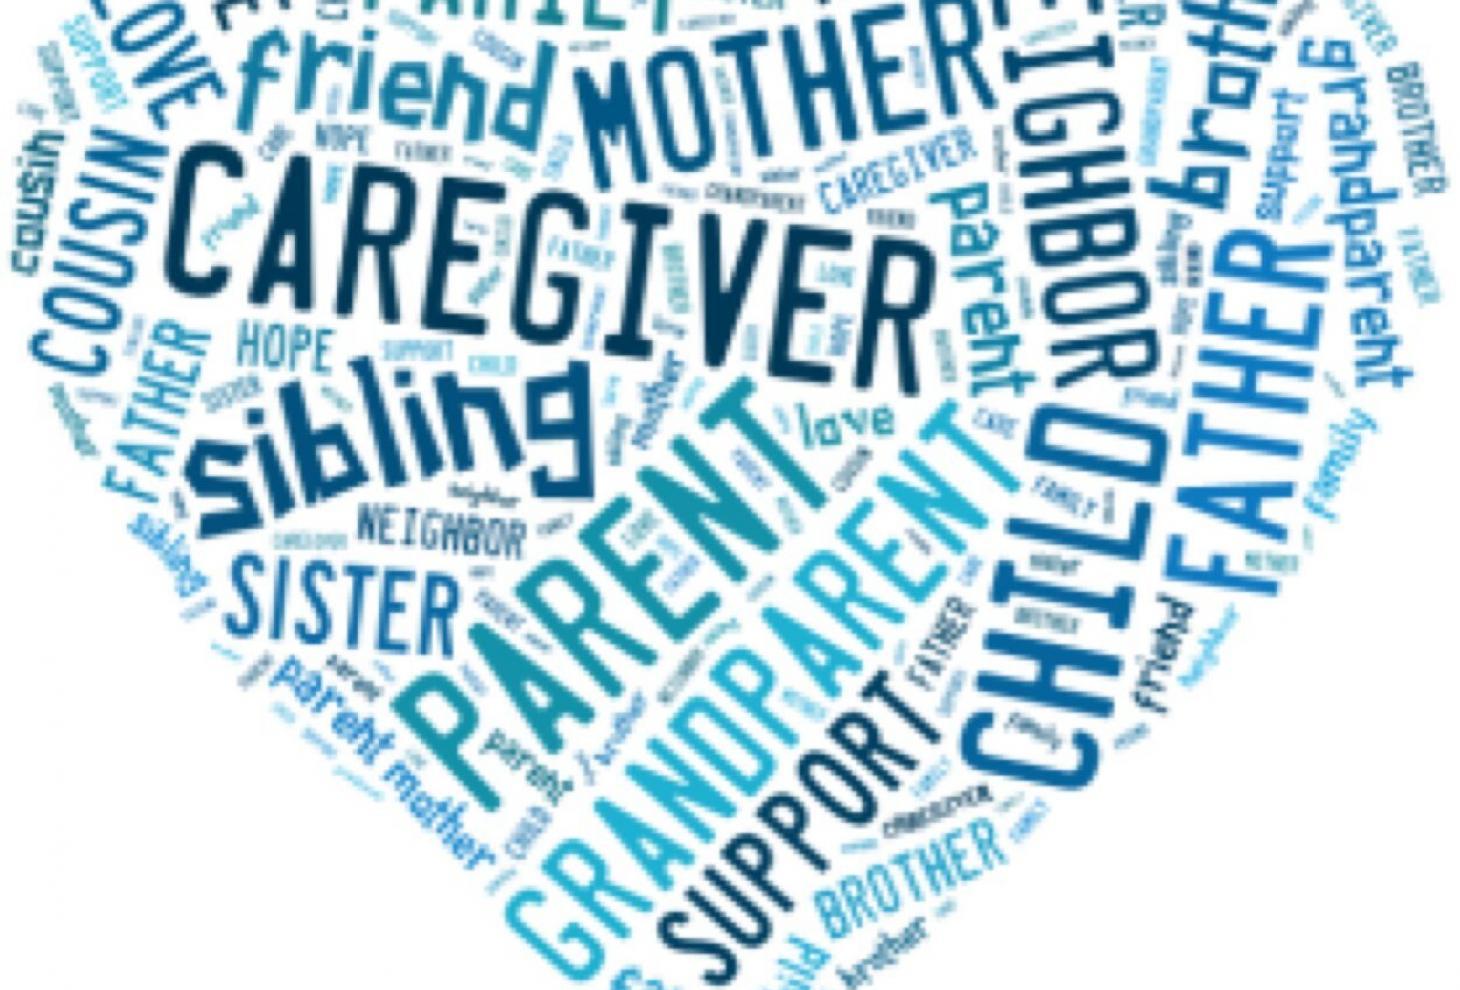 Caregiver, contributi per l'assistenza ai minori affetti da malattia rara e con disabilità gravissima, anno 2020